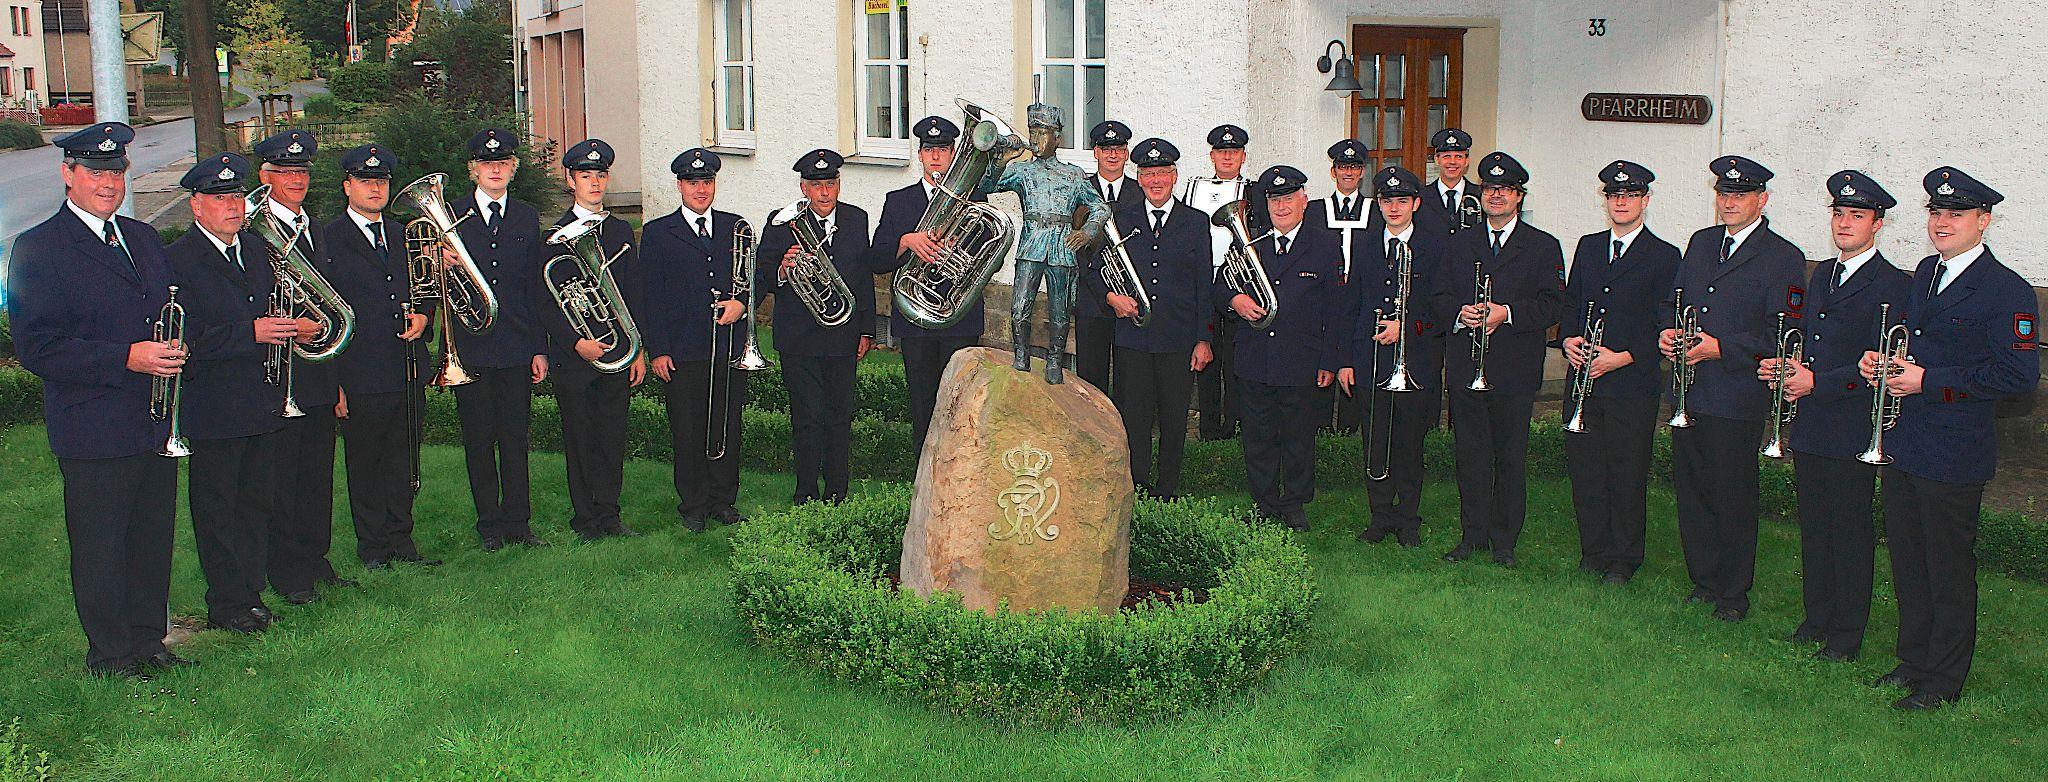 Foto: Trompeterkorps 8. Husaren Buke